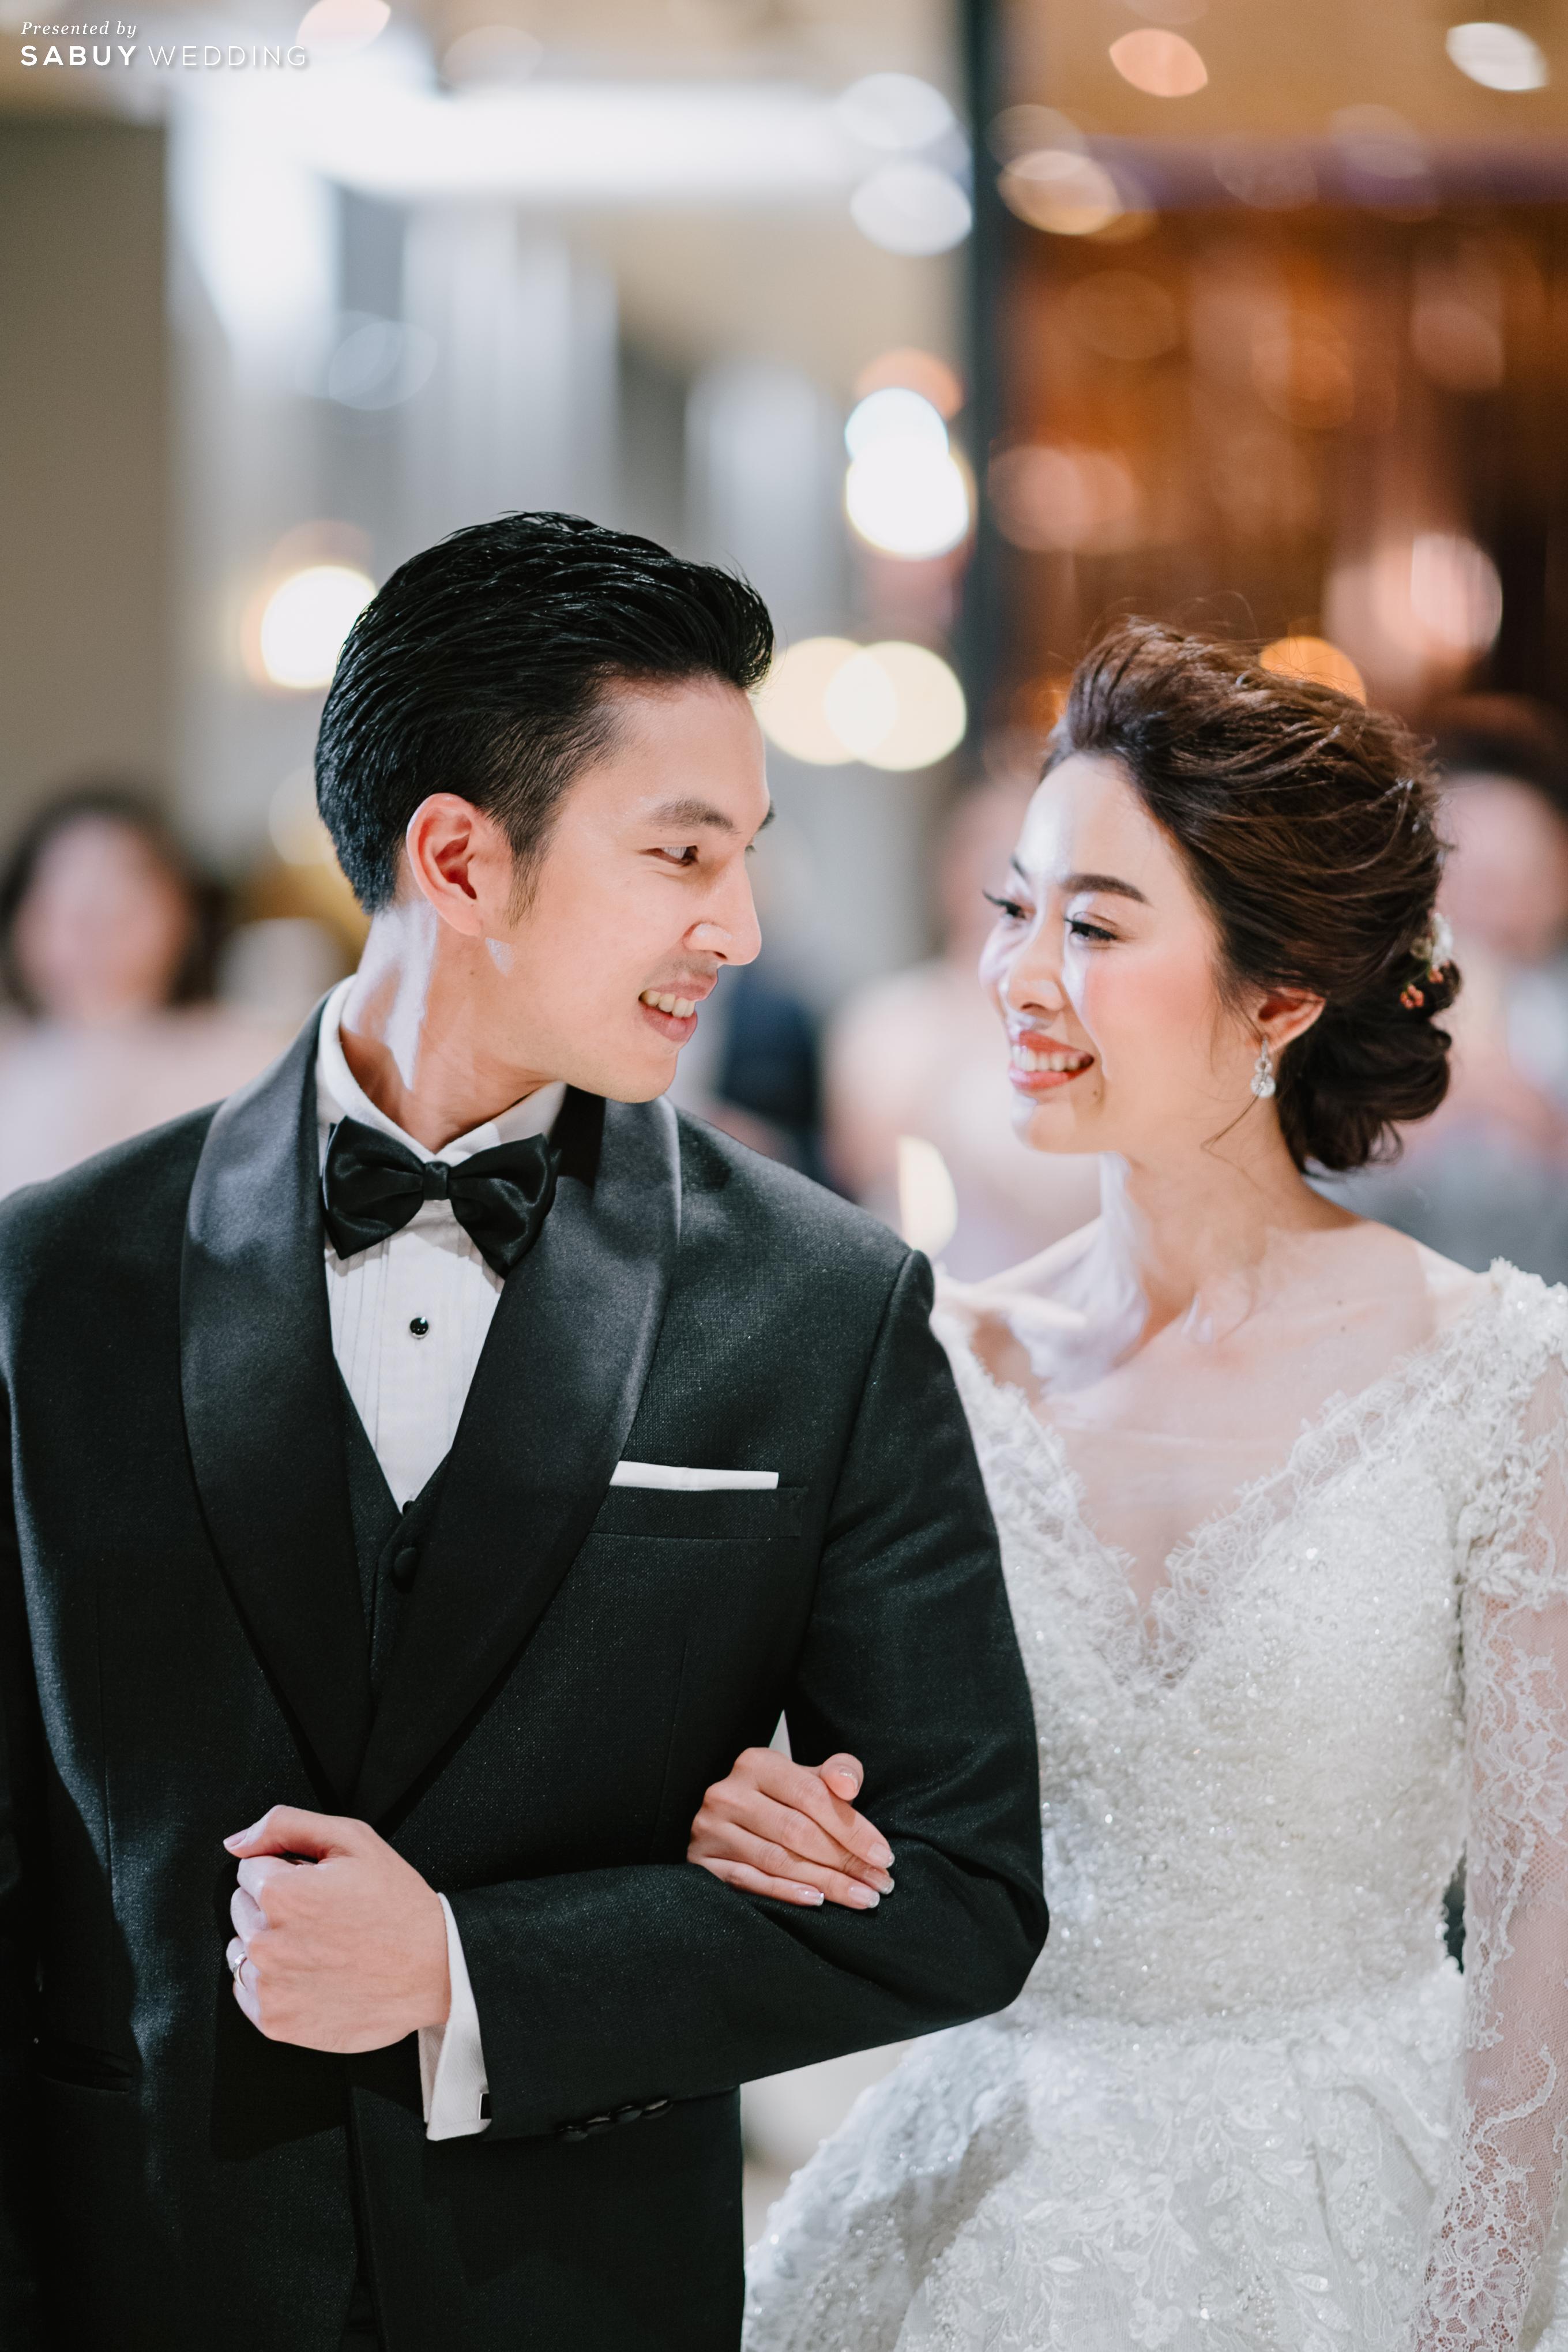 ชุดเจ้าสาว,สถานที่แต่งงาน,ชุดแต่งงาน รีวิวงานแต่งธีมสี Taupe สวยดูดีแบบ Luxury Style @ Hyatt Regency Bangkok Sukhumvit